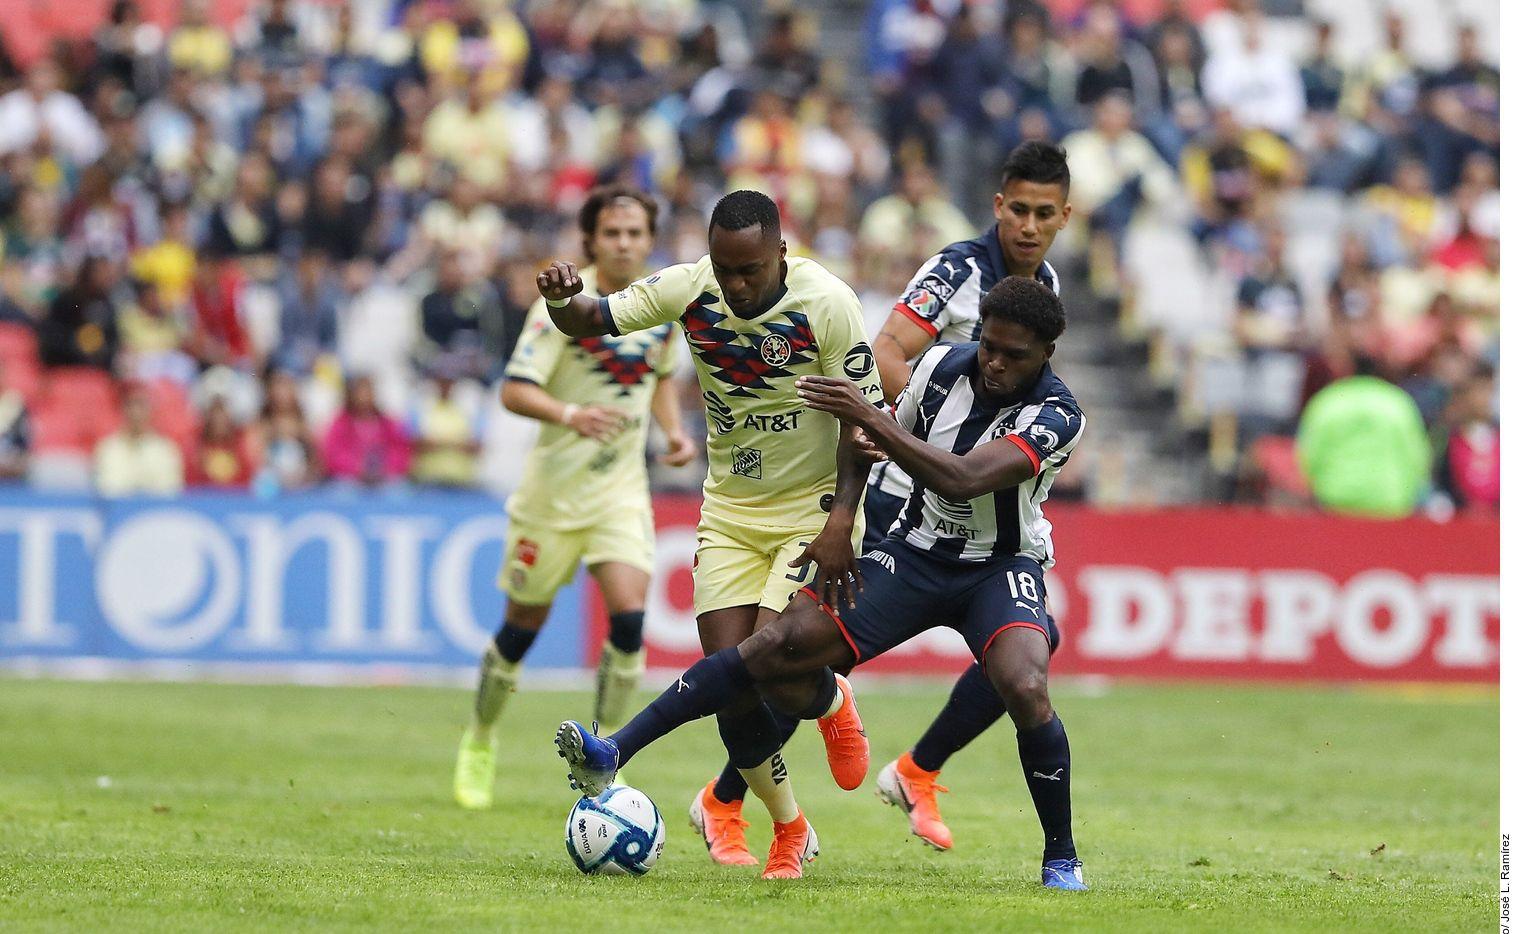 Águilas del América y Rayados de Monterrey disputarán el título del Torneo Apertura 2019 de la Liga MX.